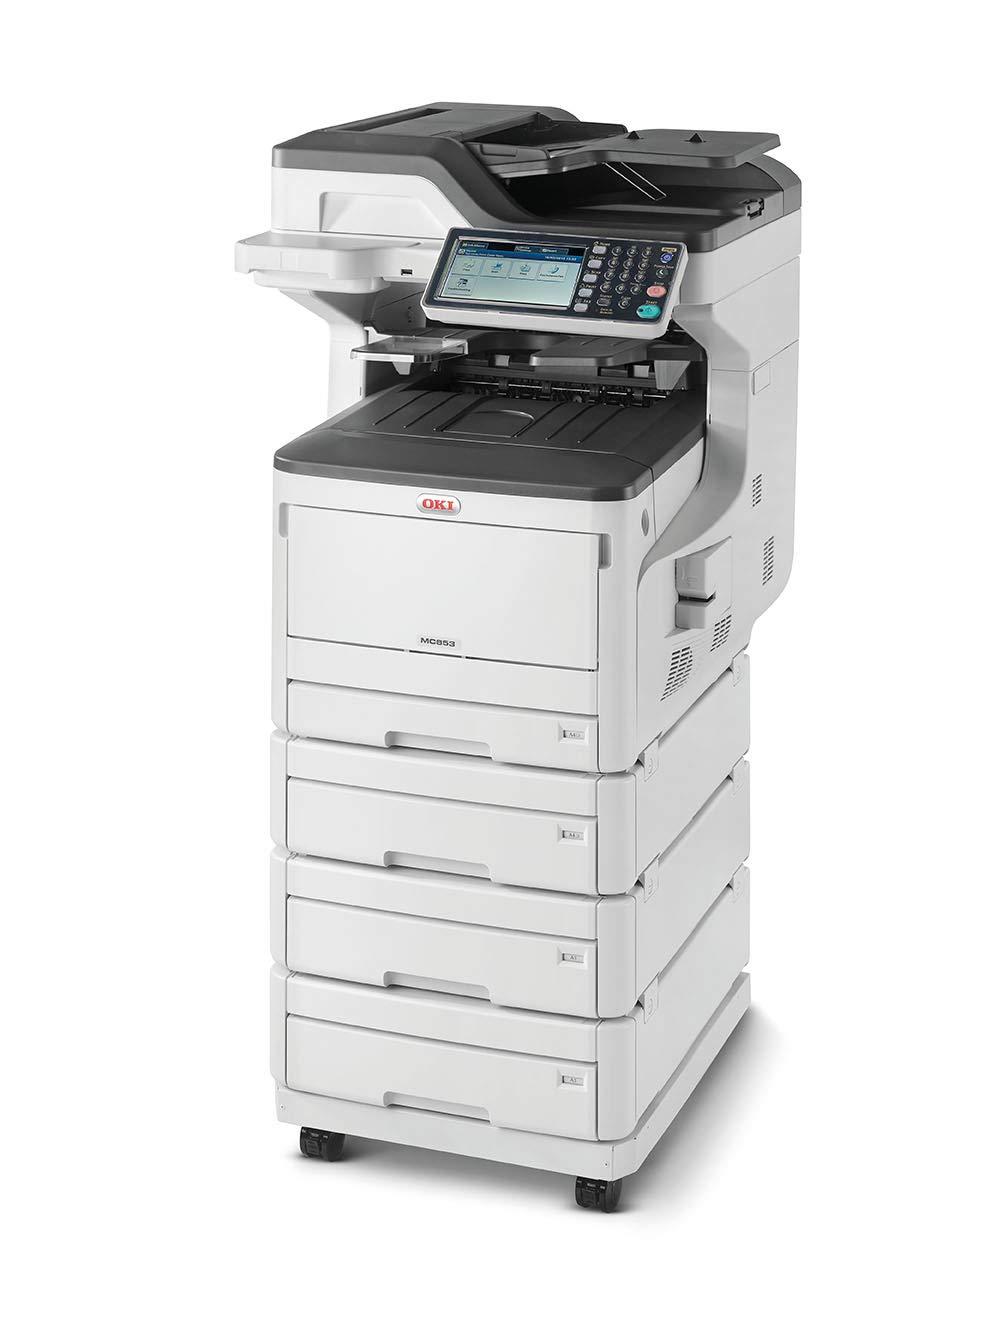 OKI MC853dnv LED 23 ppm 1200 x 600 dpi A3 - Impresora multifunción (LED, Impresión a Color, 1200 x 600 dpi, 300 Hojas, A3, Negro, Blanco)